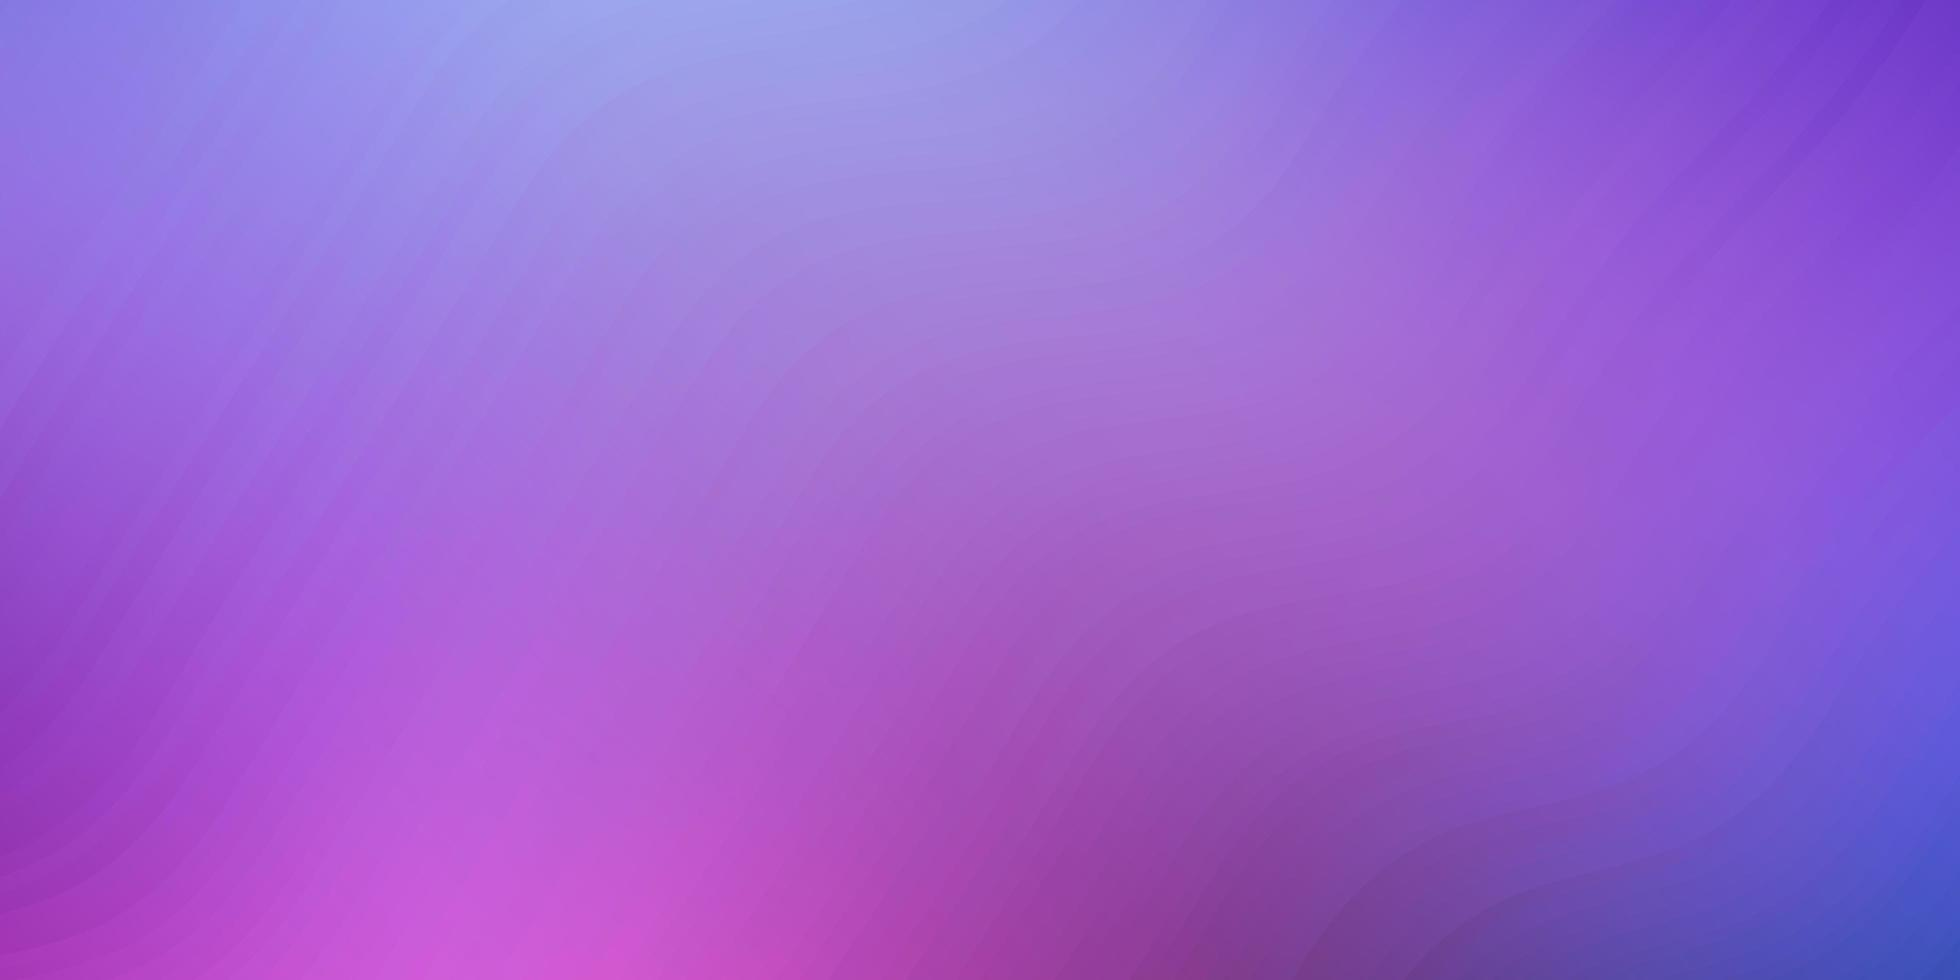 layout vettoriale rosa scuro, blu con linee ironiche